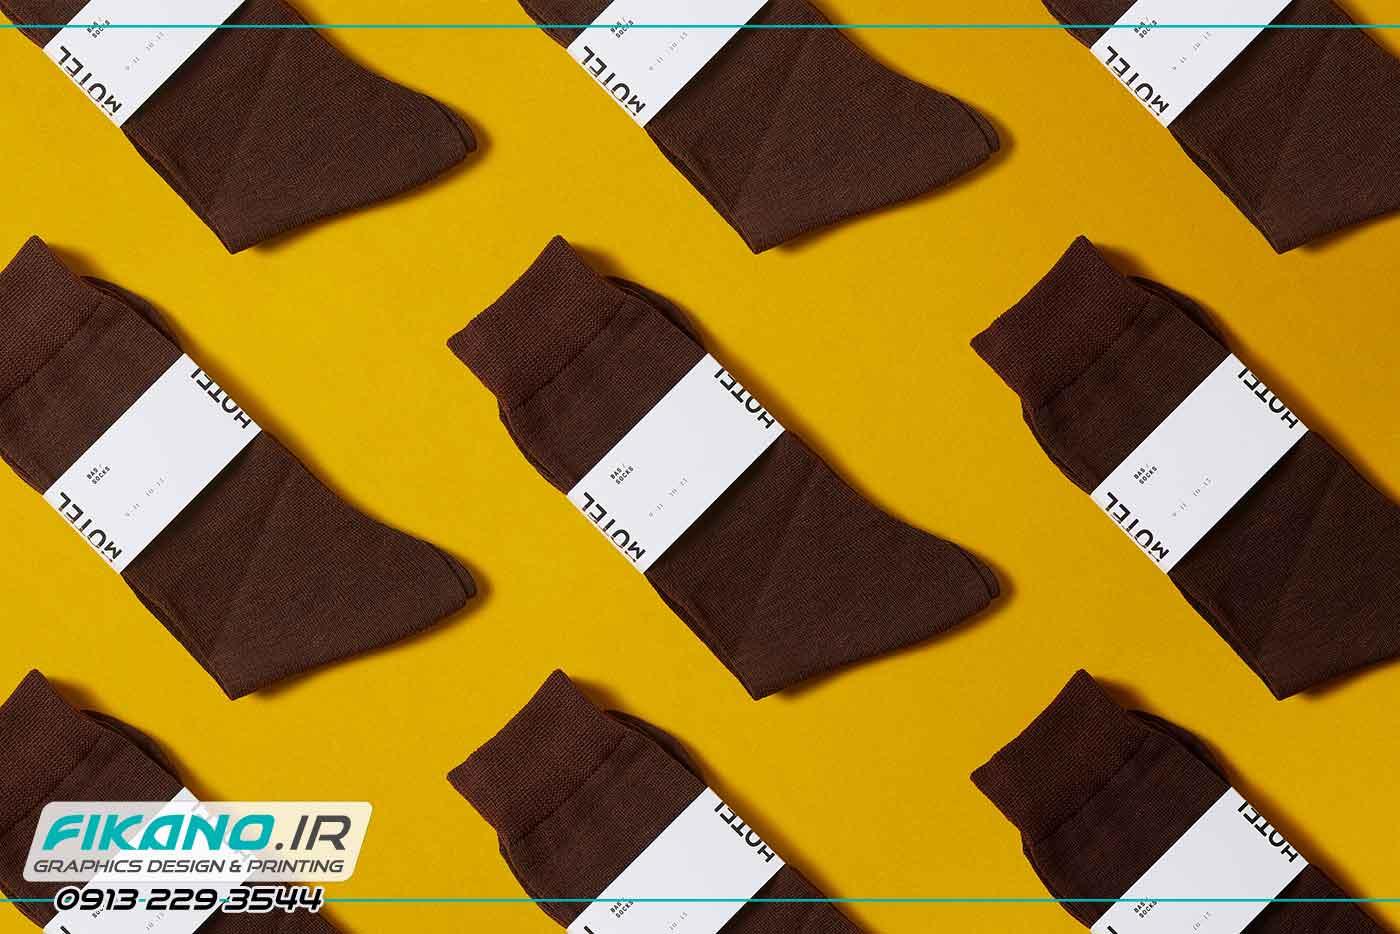 سفارش طراحی لوگو و برند و بسته بندی- وب سایت فیکانو www.fikano.ir